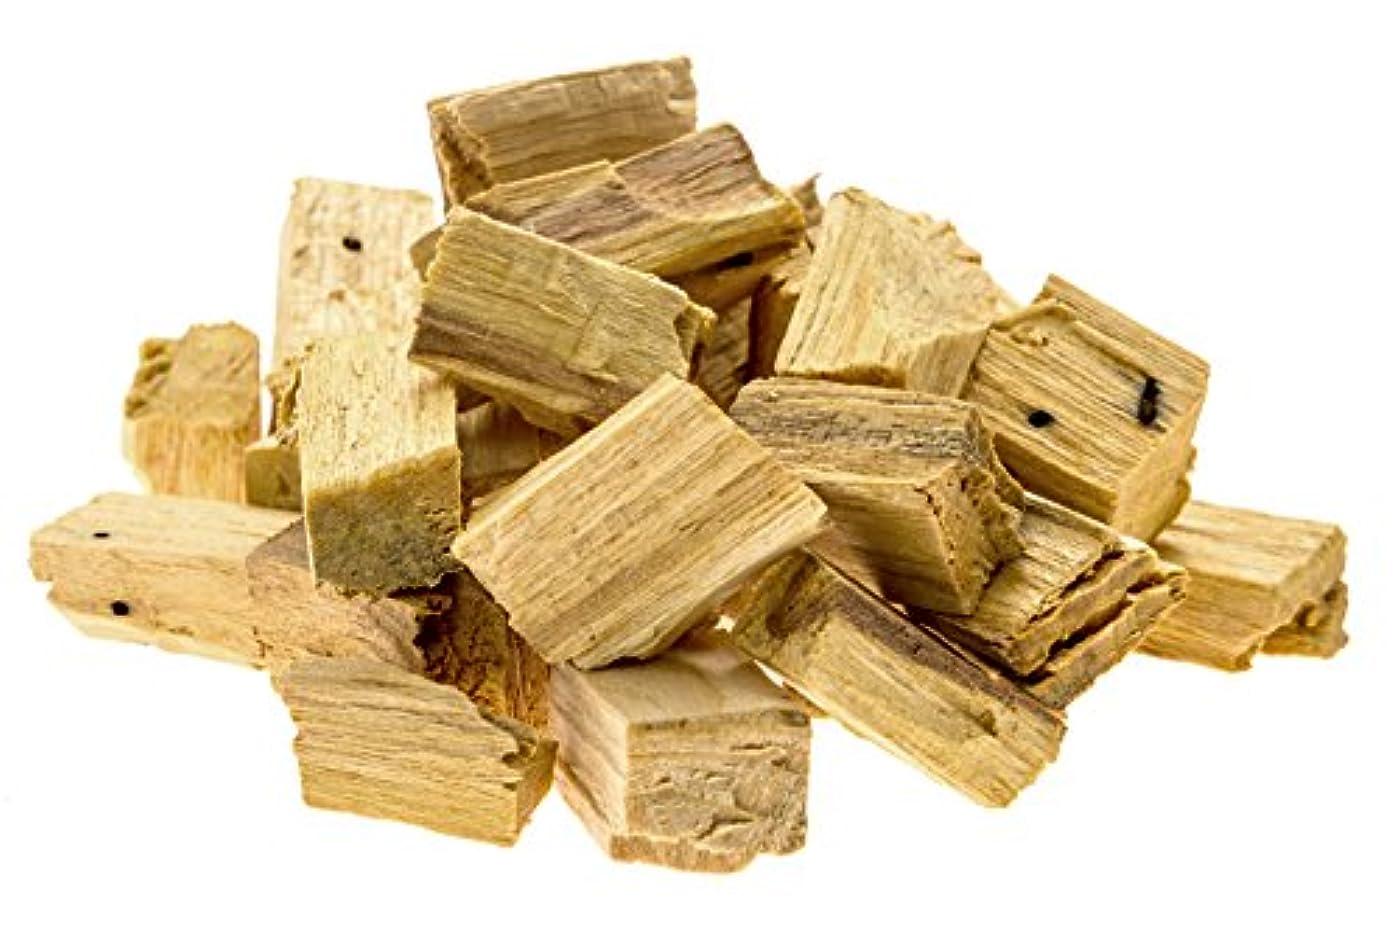 勇気のあるしなやかメトリックプレミアムPalo Santo Holy Wood Incenseチップ、for purifying、クレンジング、ヒーリング、瞑想、Stress Relief。100 %自然と持続可能な、野生の収穫。( 1oz )